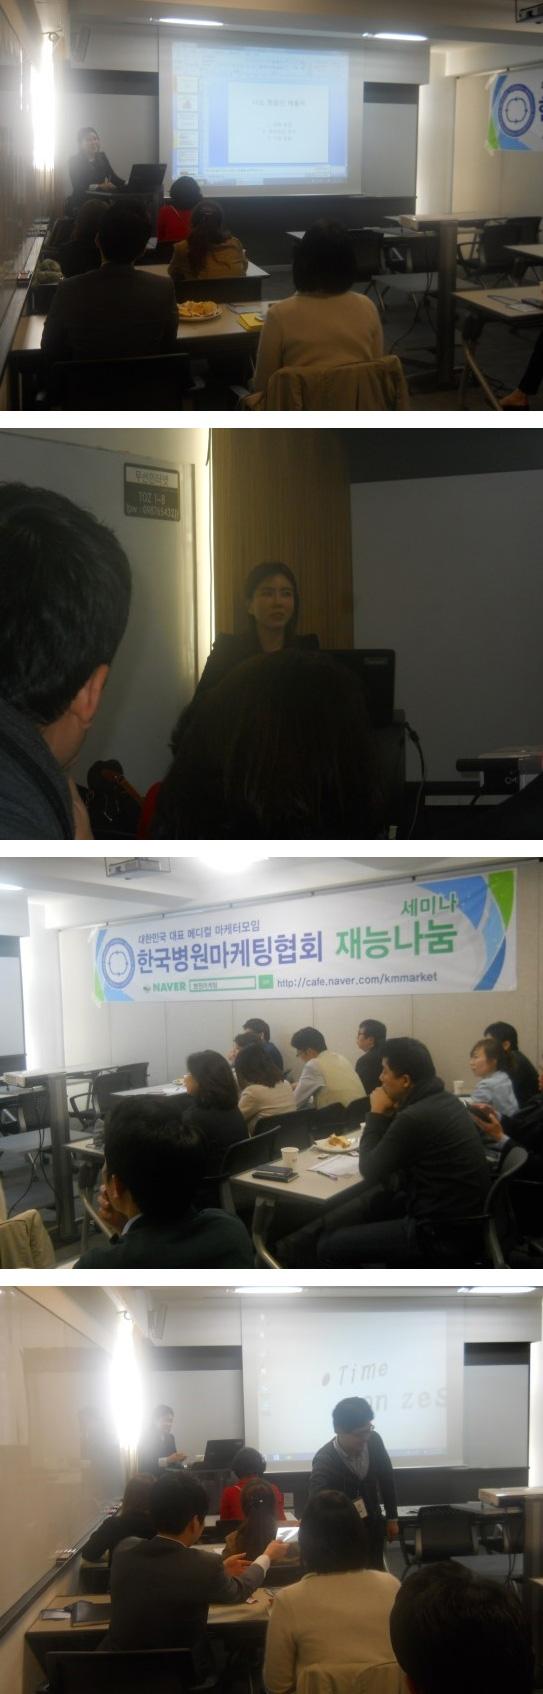 2013.04.26 재능나눔 - 닥터킨베인피부과 김영주이사